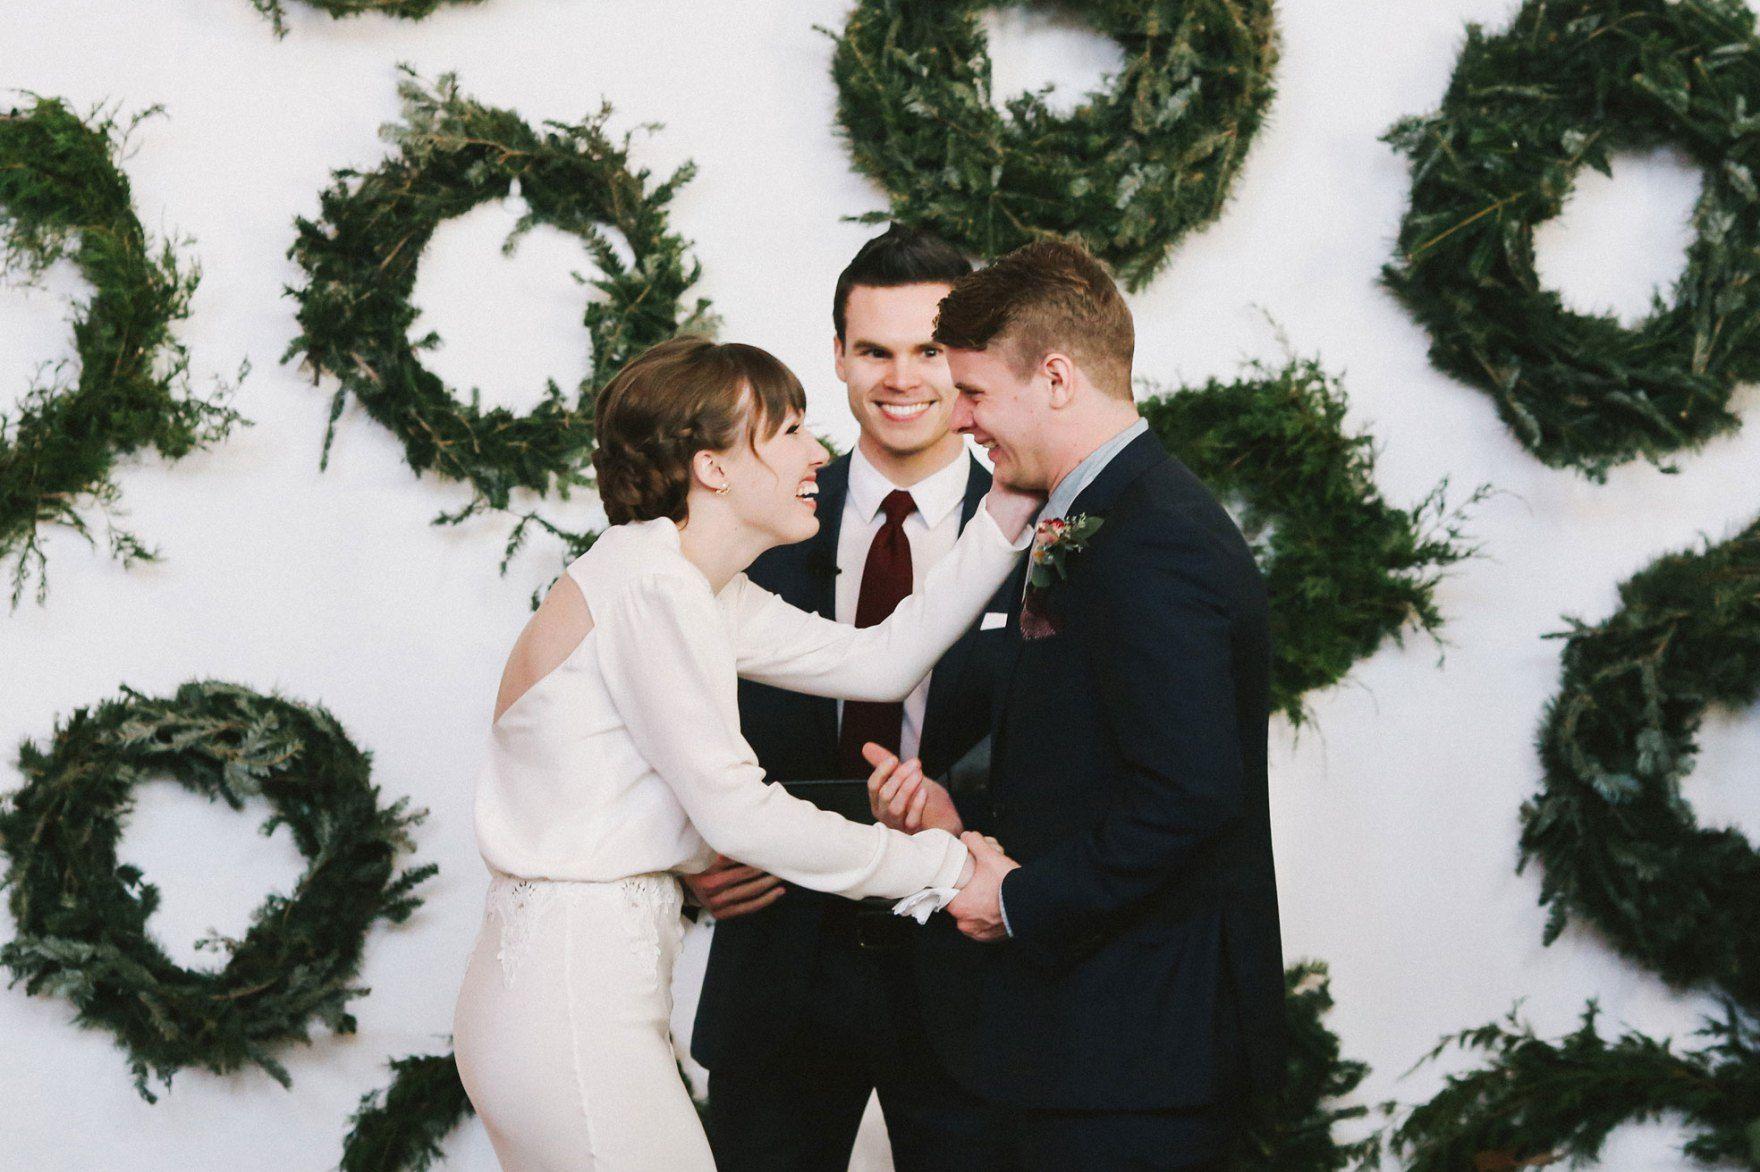 WEDDING PHOTOGRAPHER | W&E Photographie | Birmingham, AL + Denver ...